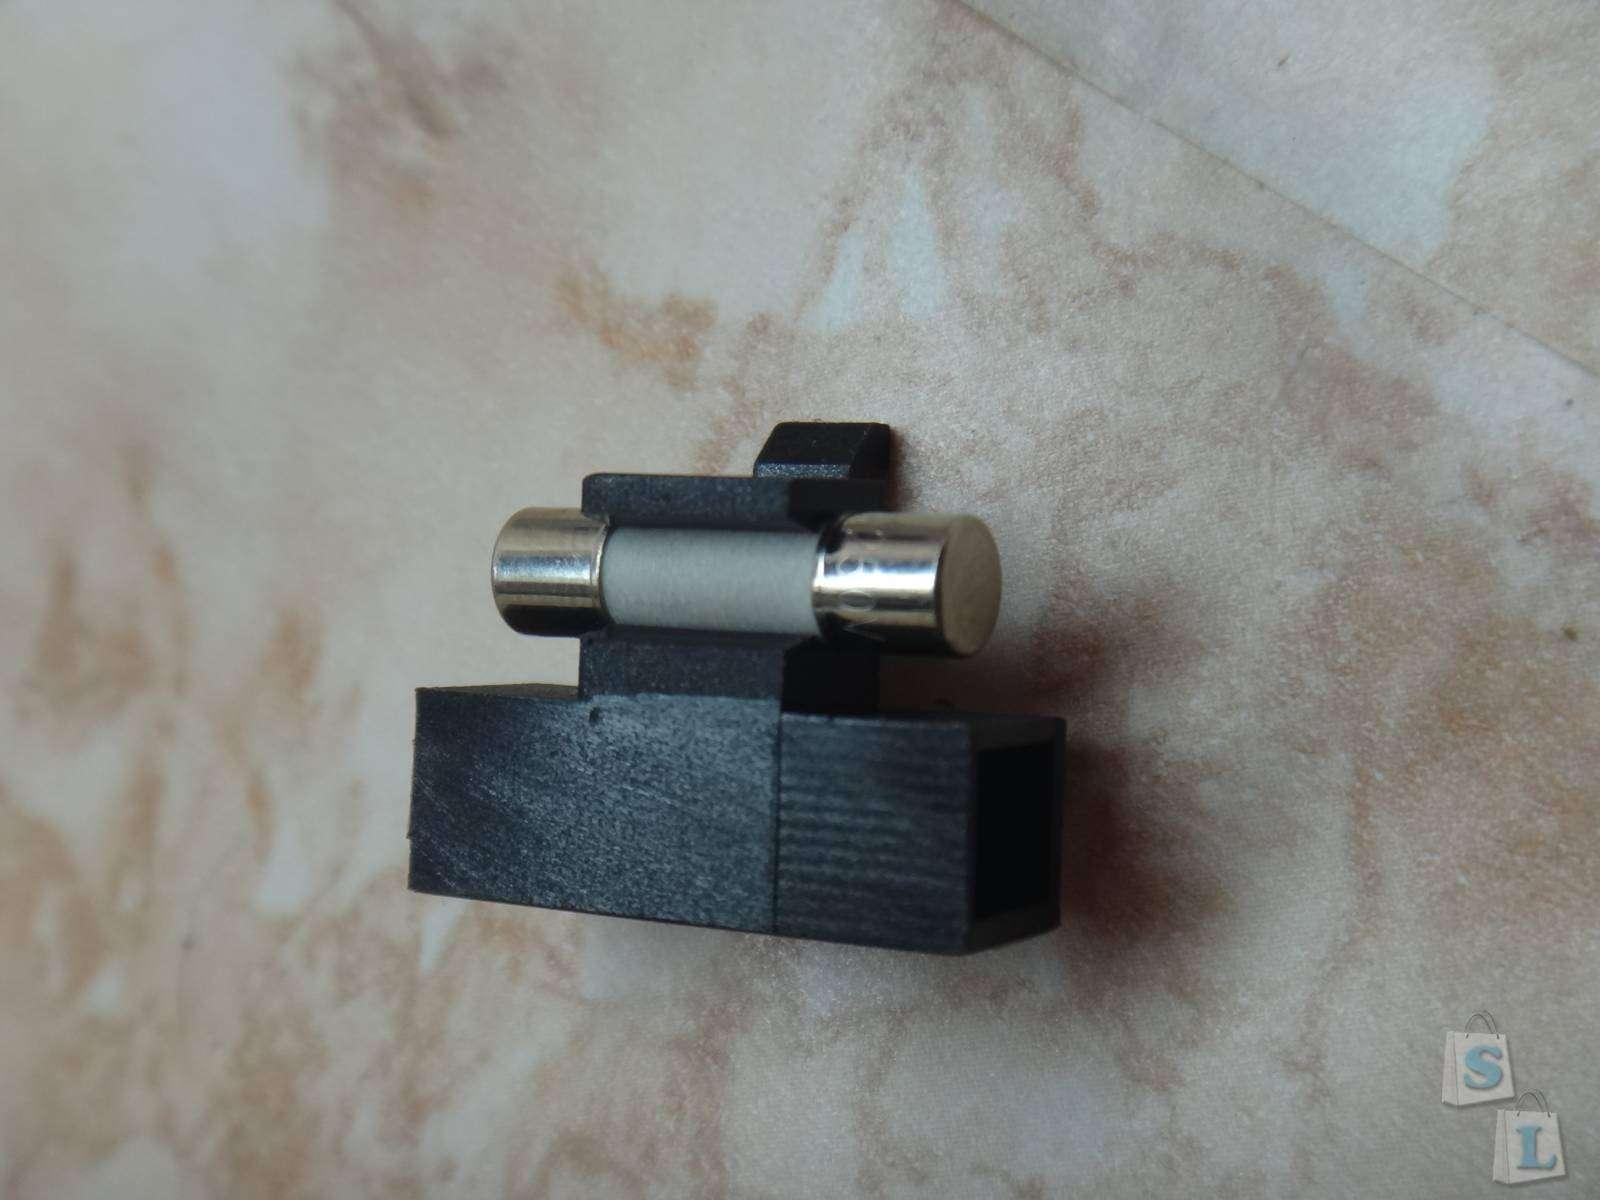 Тройник ReWirable USB от Allocacoc который поможет забыть о совместимости розеток разных стран